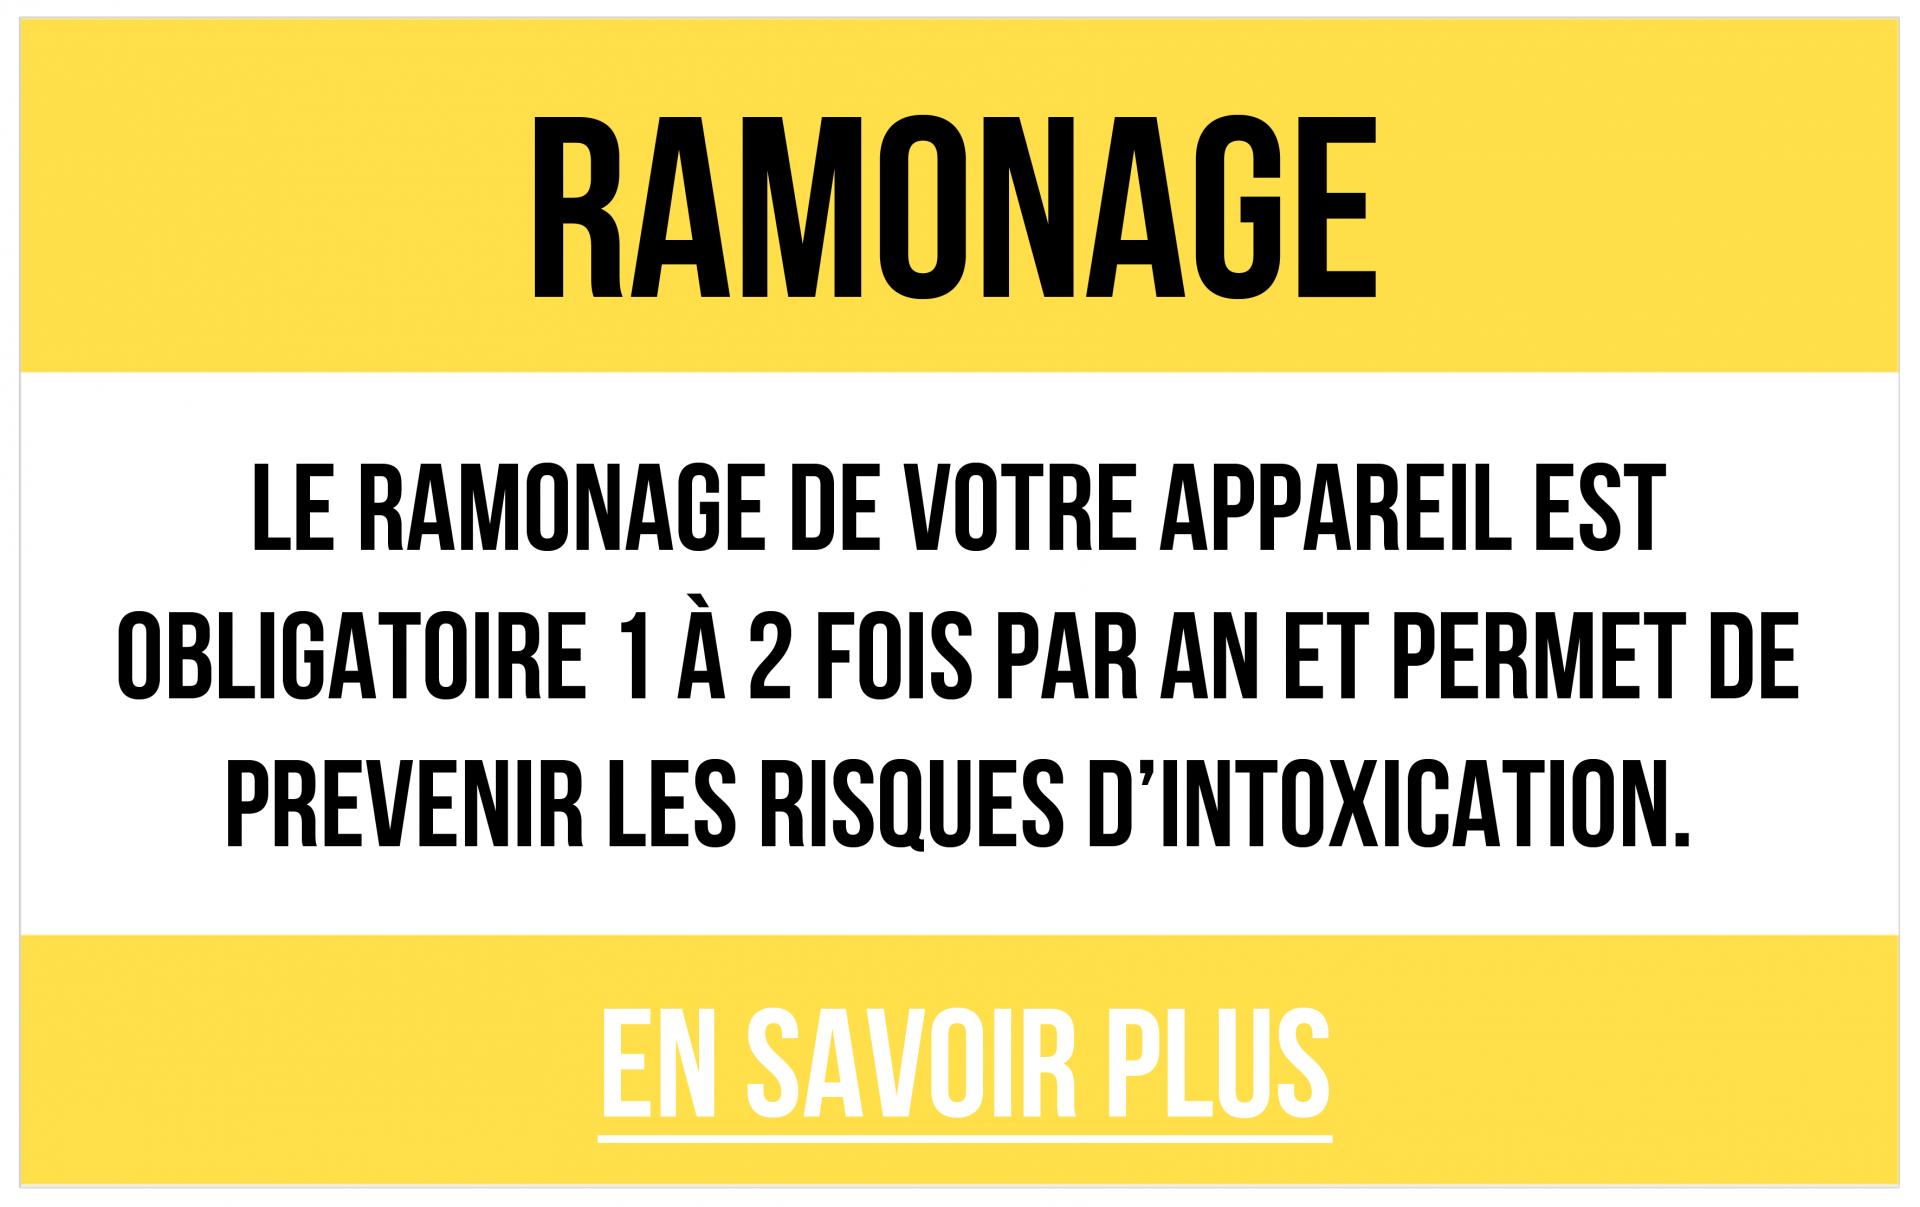 Ramonage